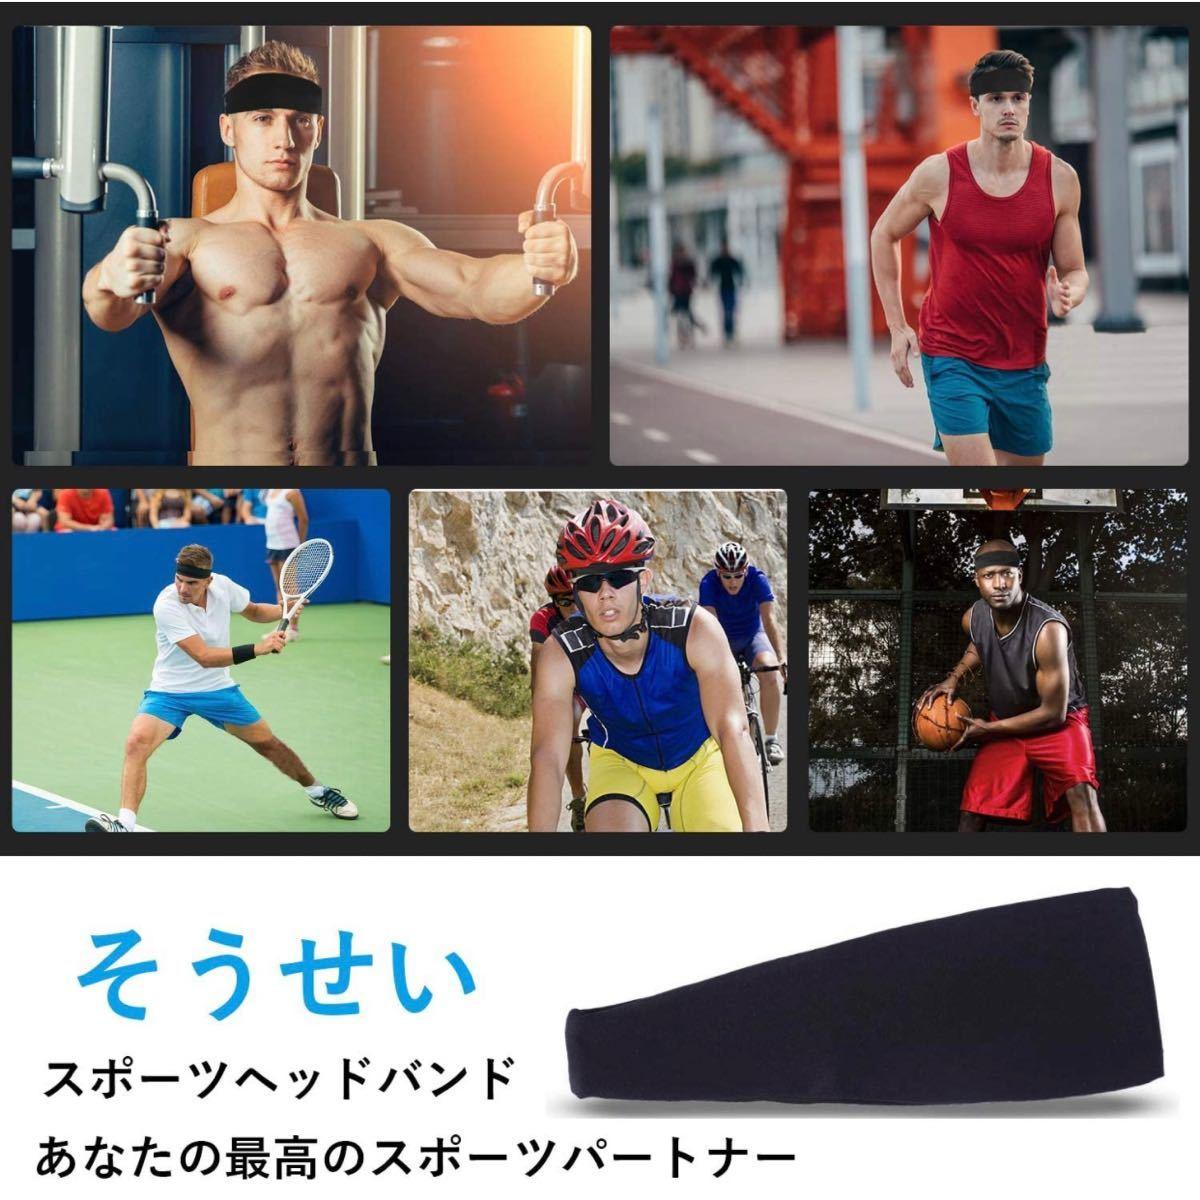 ヘアバンド メンズヘッドバンド 汗止め 吸汗速乾 肌触りが柔らかい 伸縮性抜群 スポーツ用 男女兼用